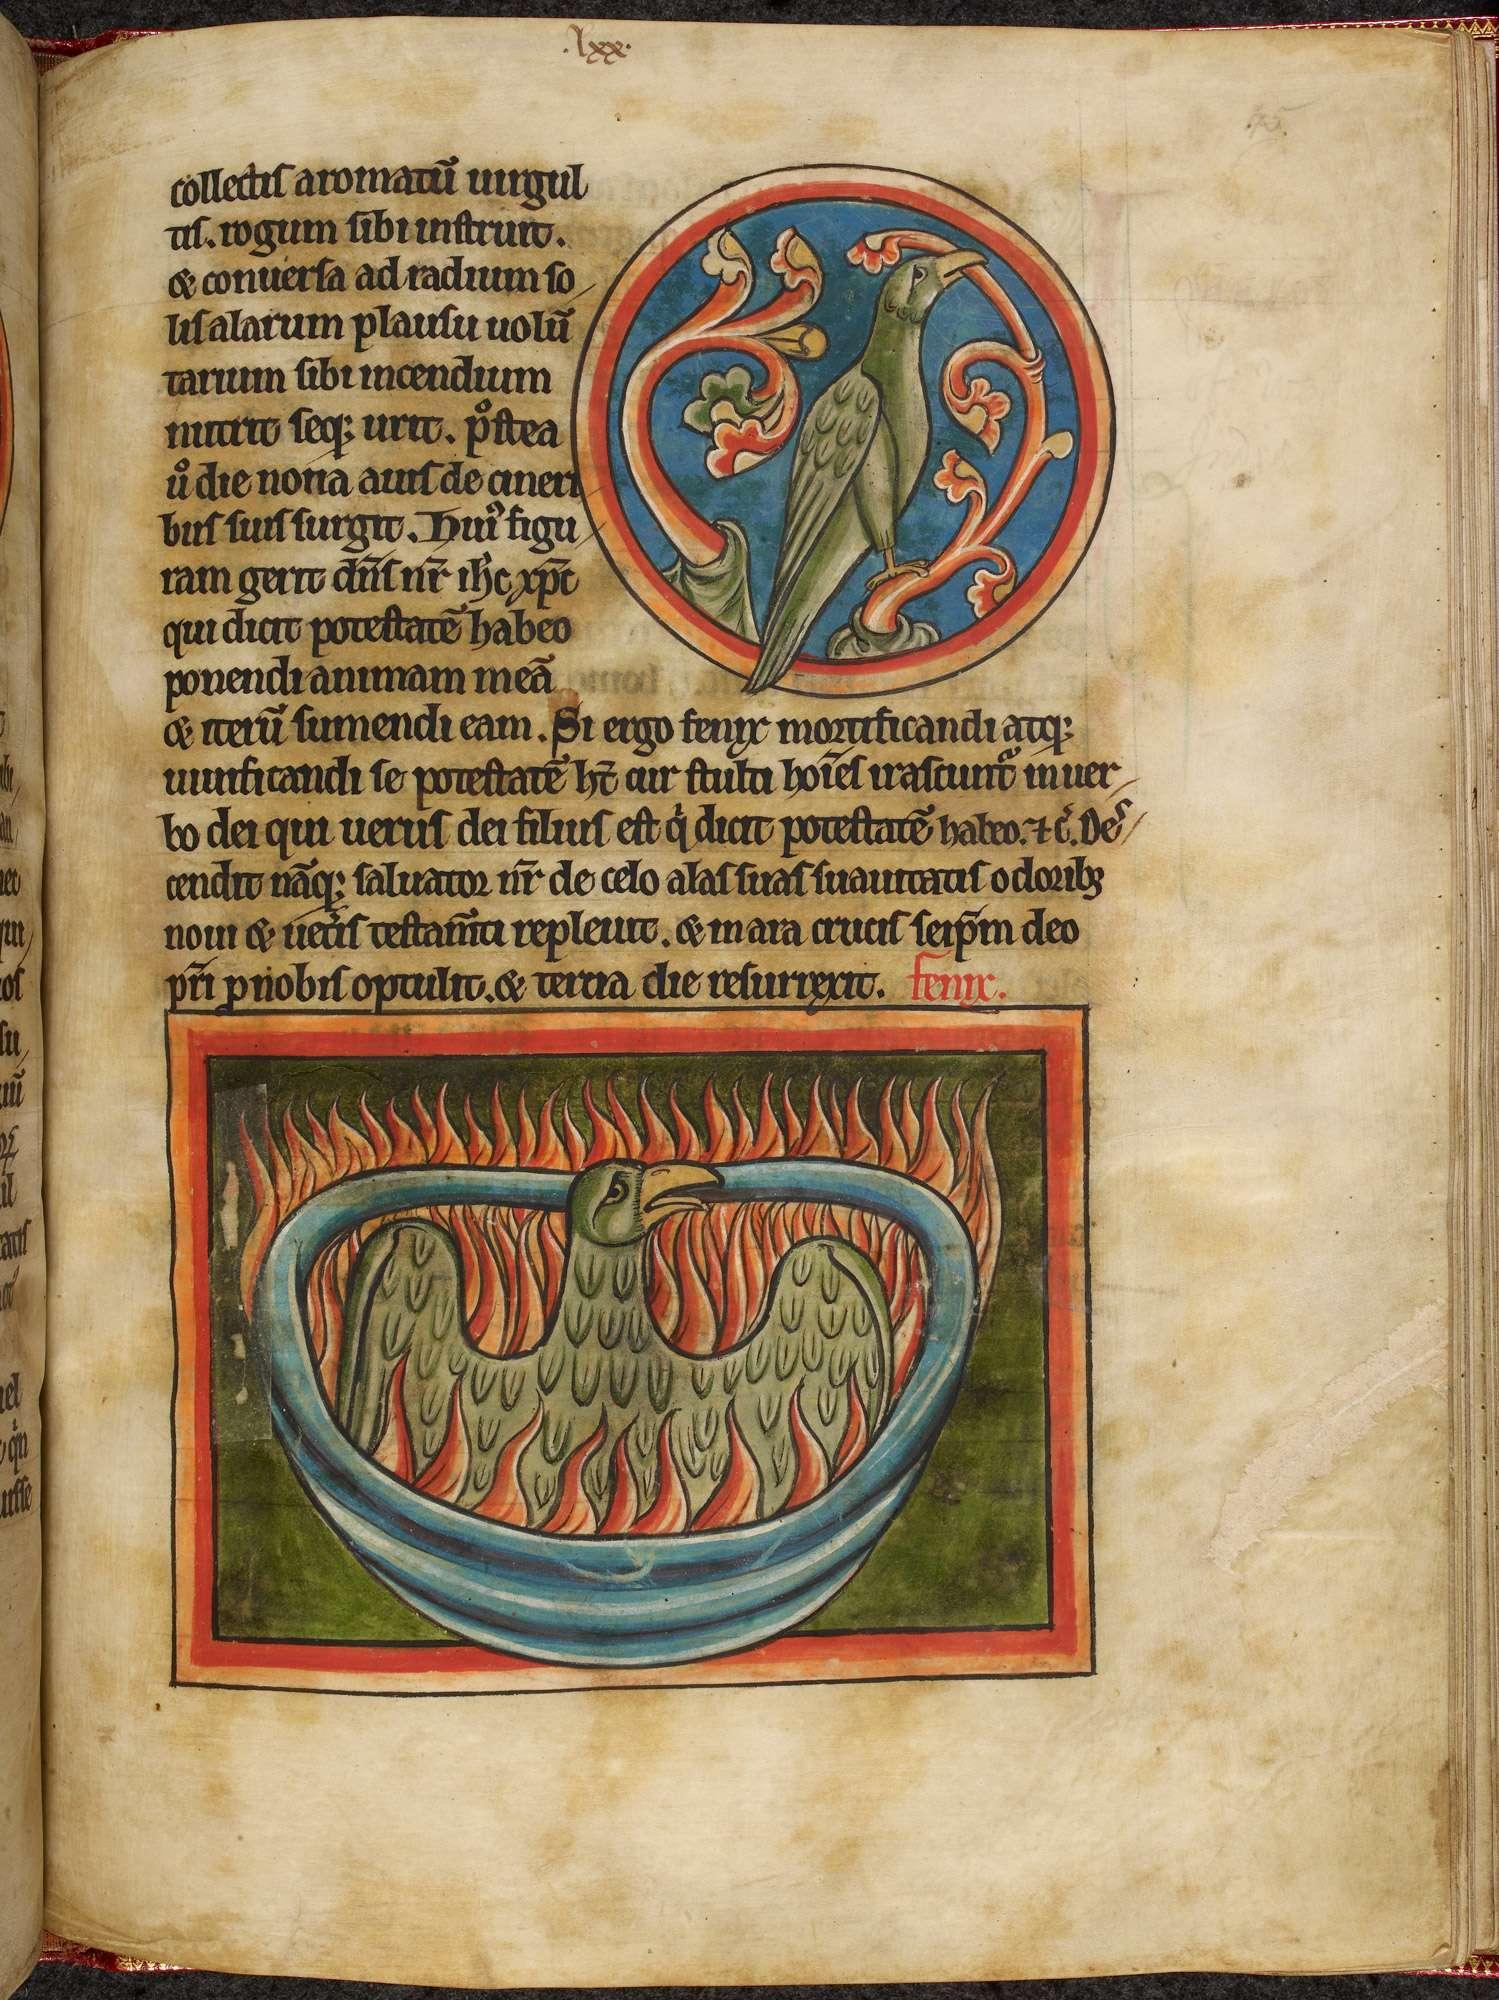 Εθνική Βιβλιοθήκη της Γαλλίας & Βρετανική Βιβλιοθήκη: 800 μεσαιωνικά εικονογραφημένα χειρόγραφα σε ψηφιακή μορφή.